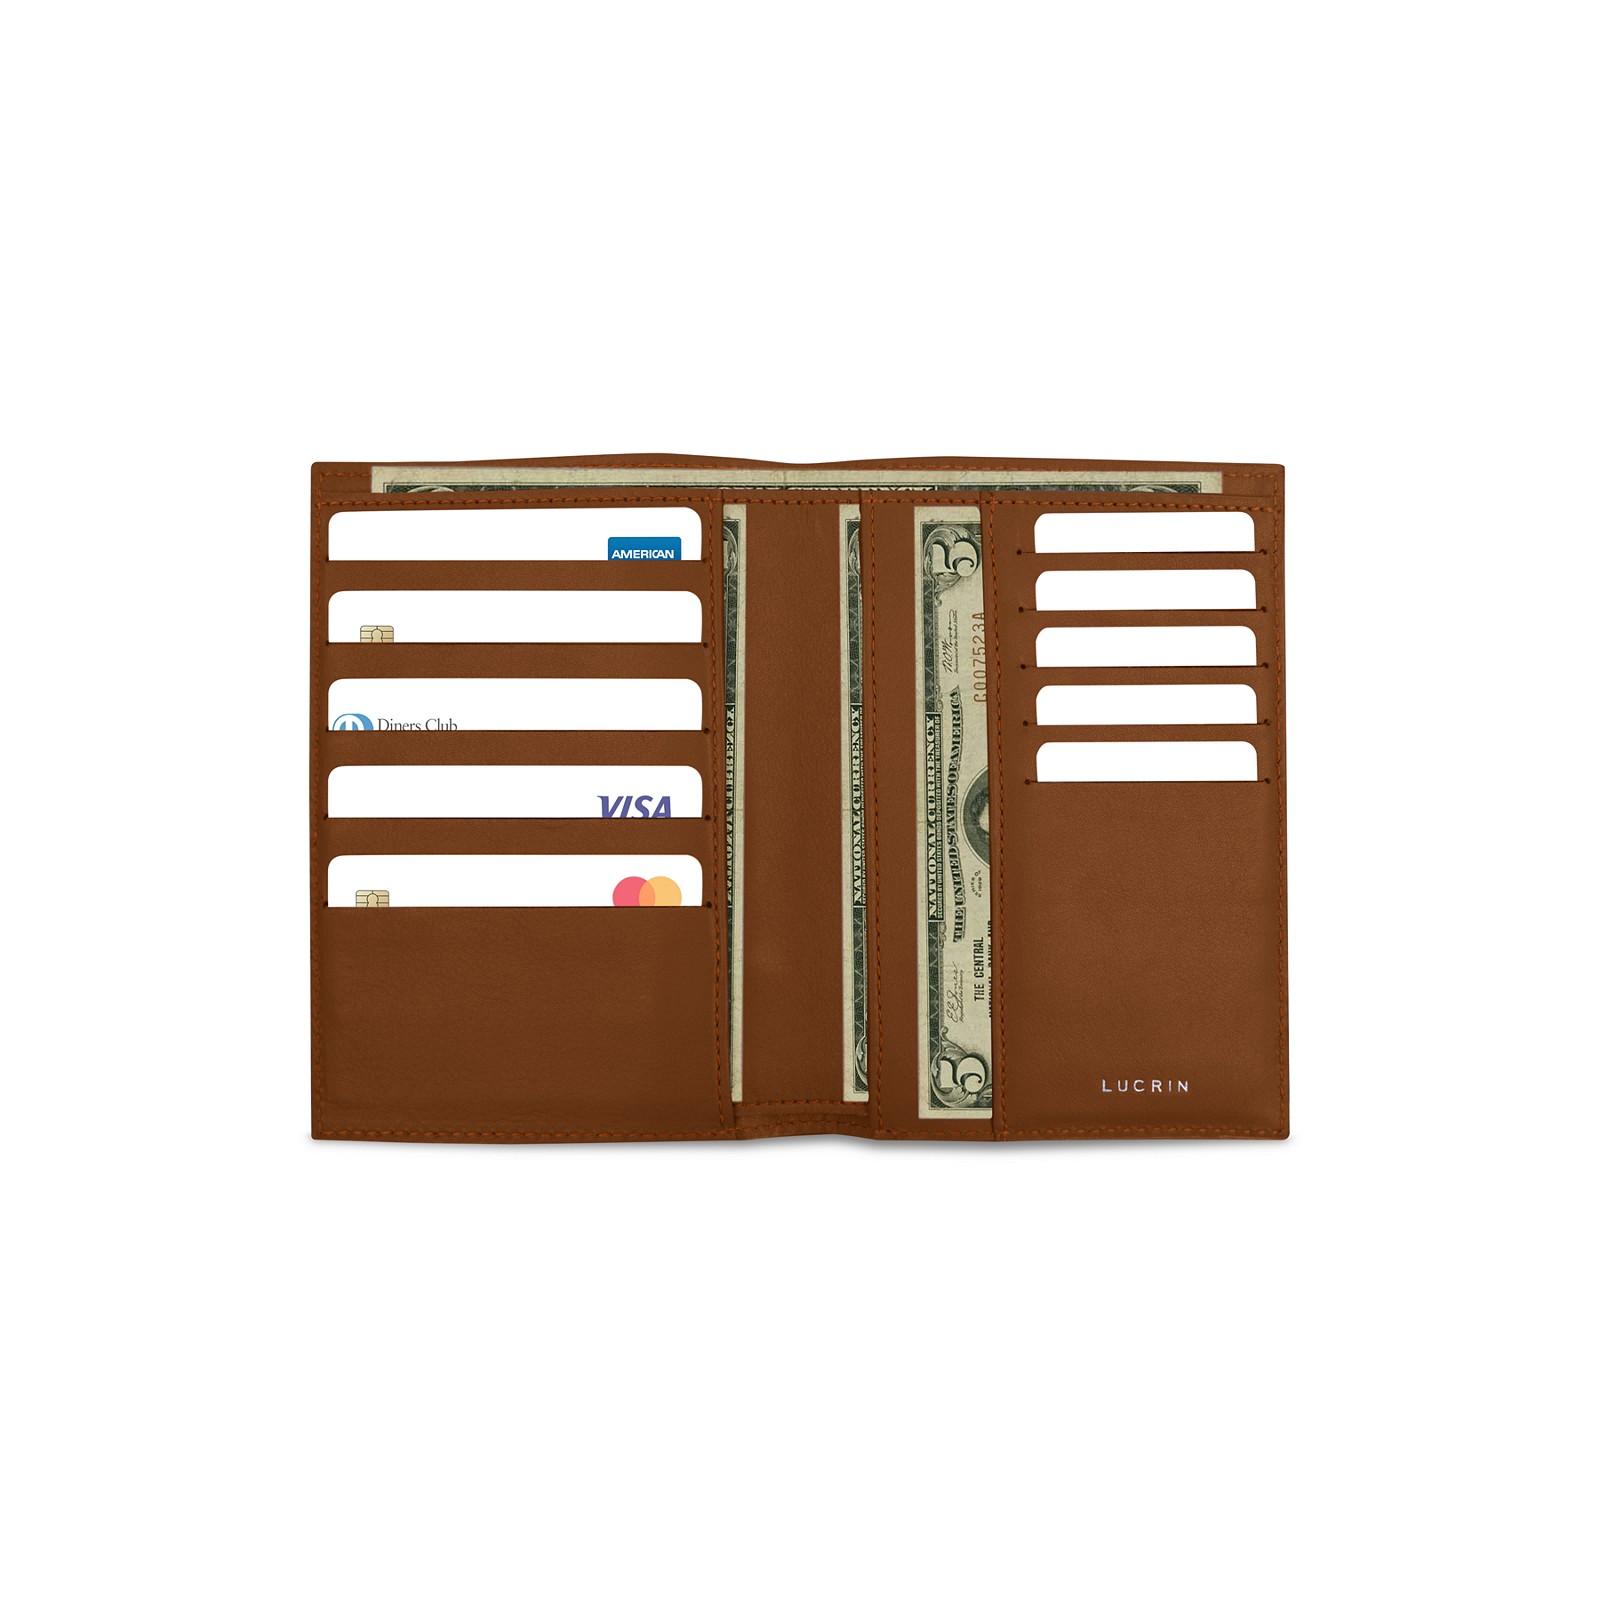 c5cda0fbbb Portafoglio e portacarte di credito Tan - Pelle Liscia Portafoglio e  portacarte di credito Tan - Pelle Liscia 